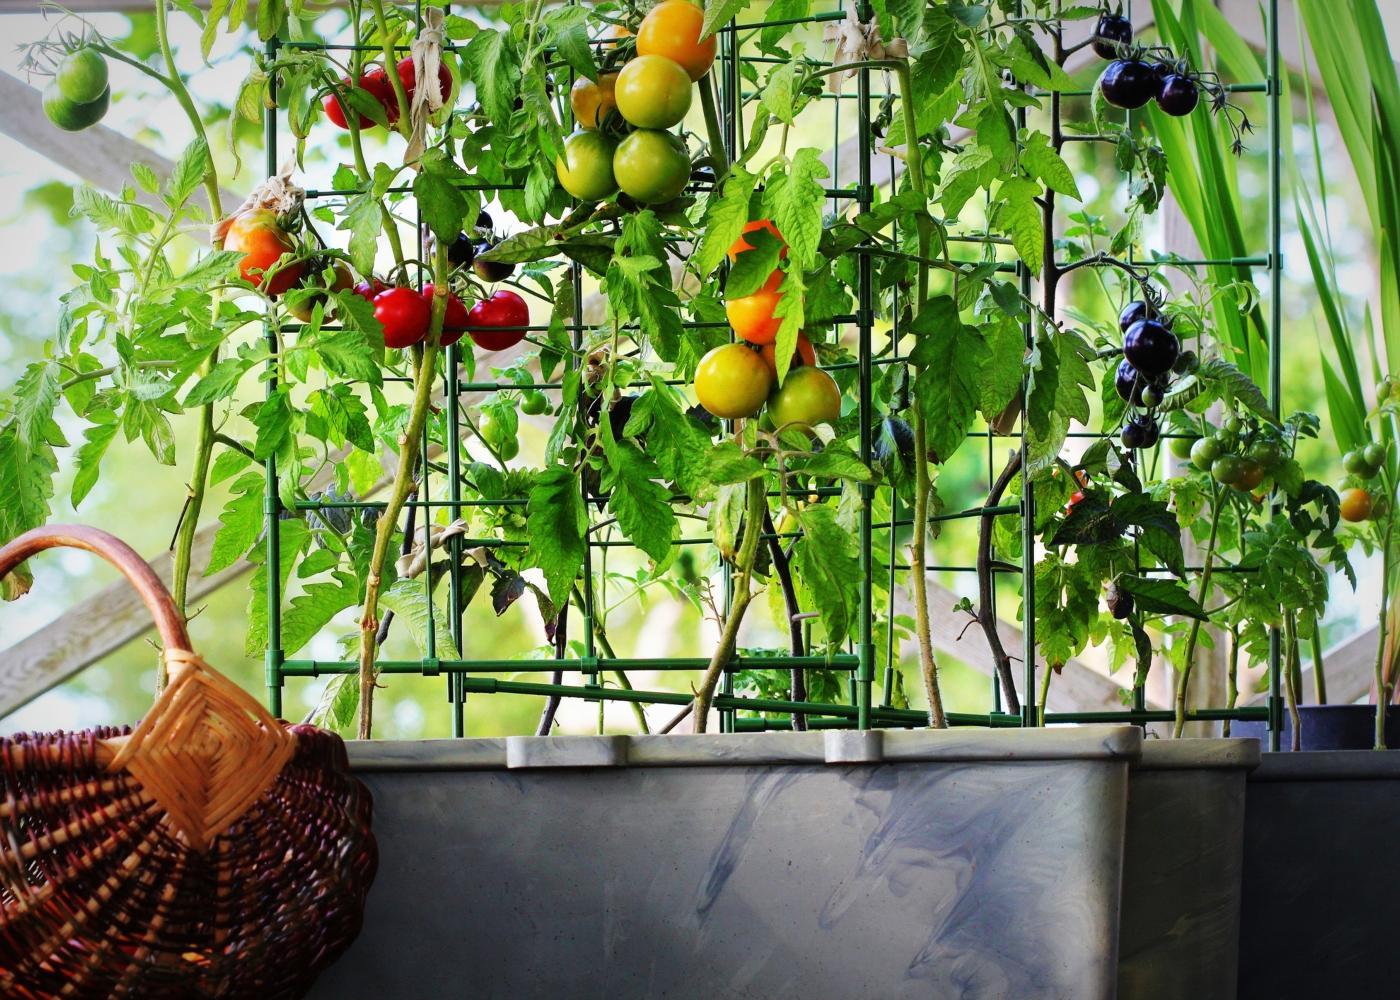 horta vertical em varanda de apartamento